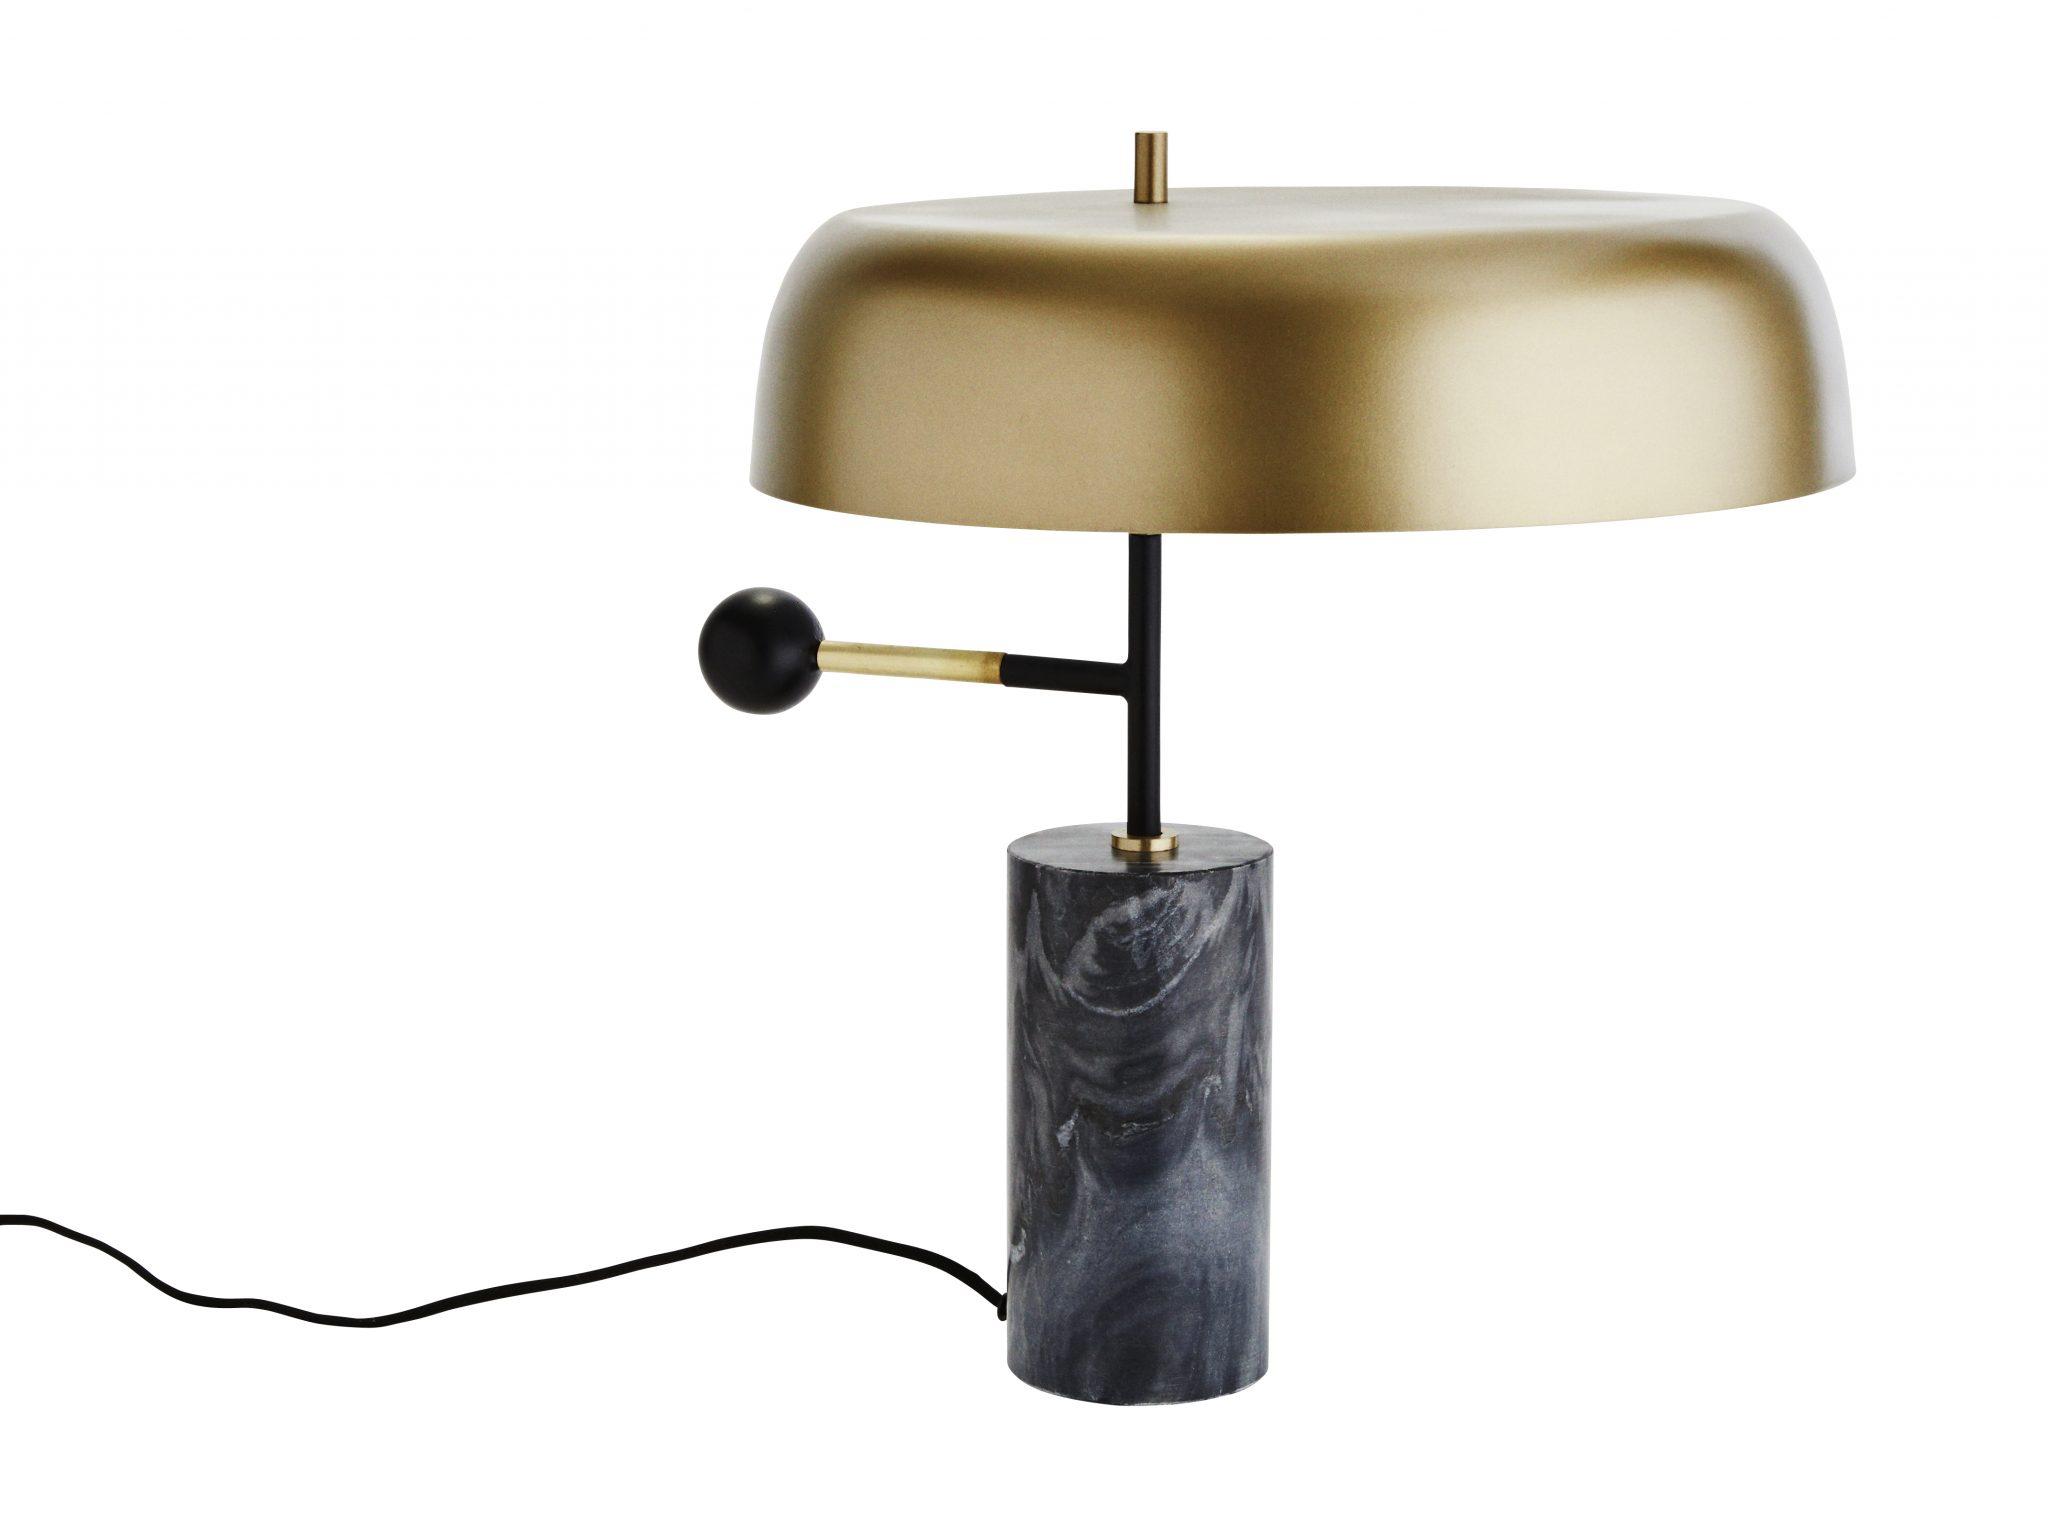 Moderne Stehlampe aus Messing, Metall und Marmor